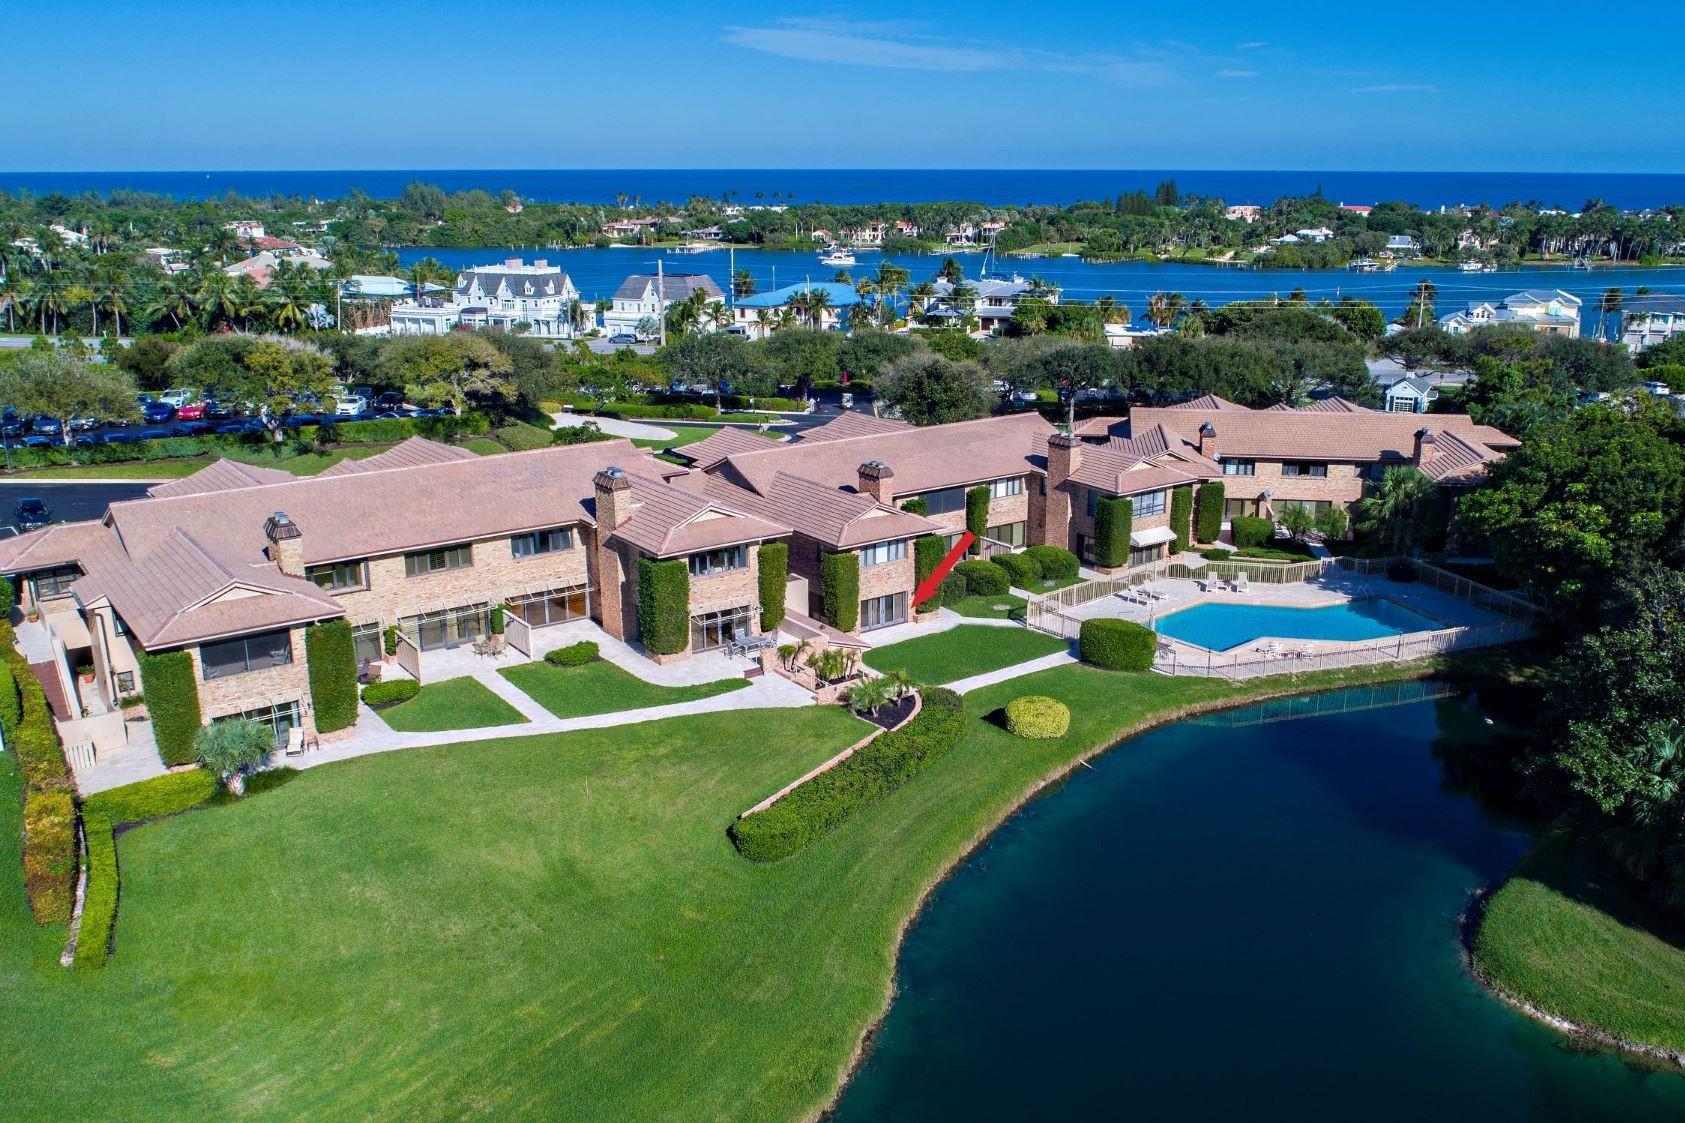 11860 Hill Club Terrace 203, Tequesta, Florida 33469, 2 Bedrooms Bedrooms, ,2.1 BathroomsBathrooms,A,Condominium,Hill Club,RX-10574083